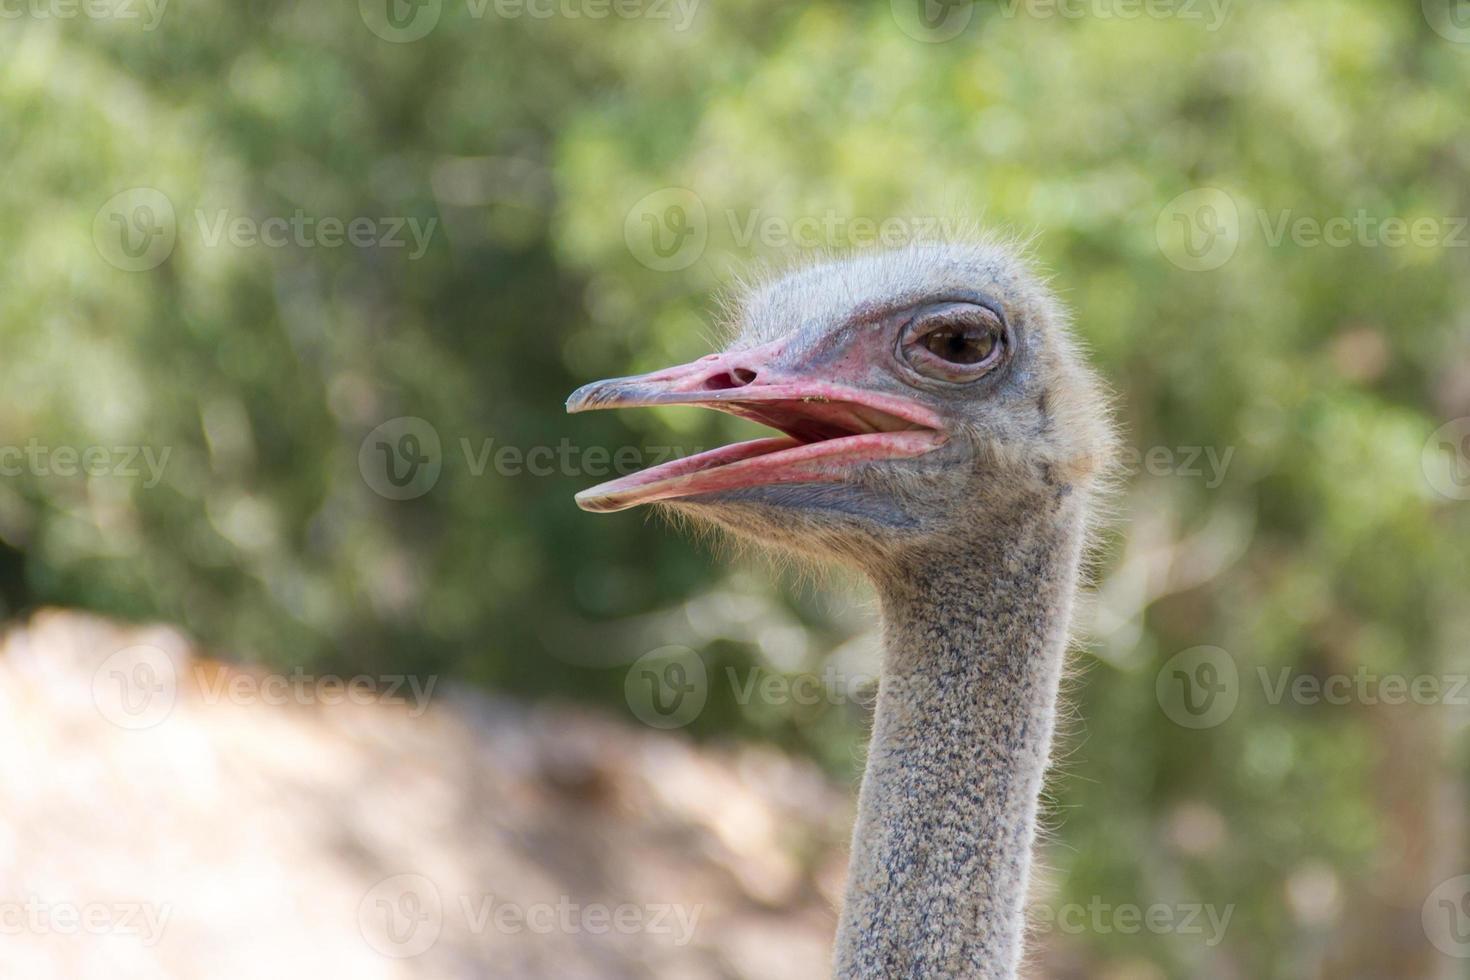 cabeza de avestruz en zoológico foto